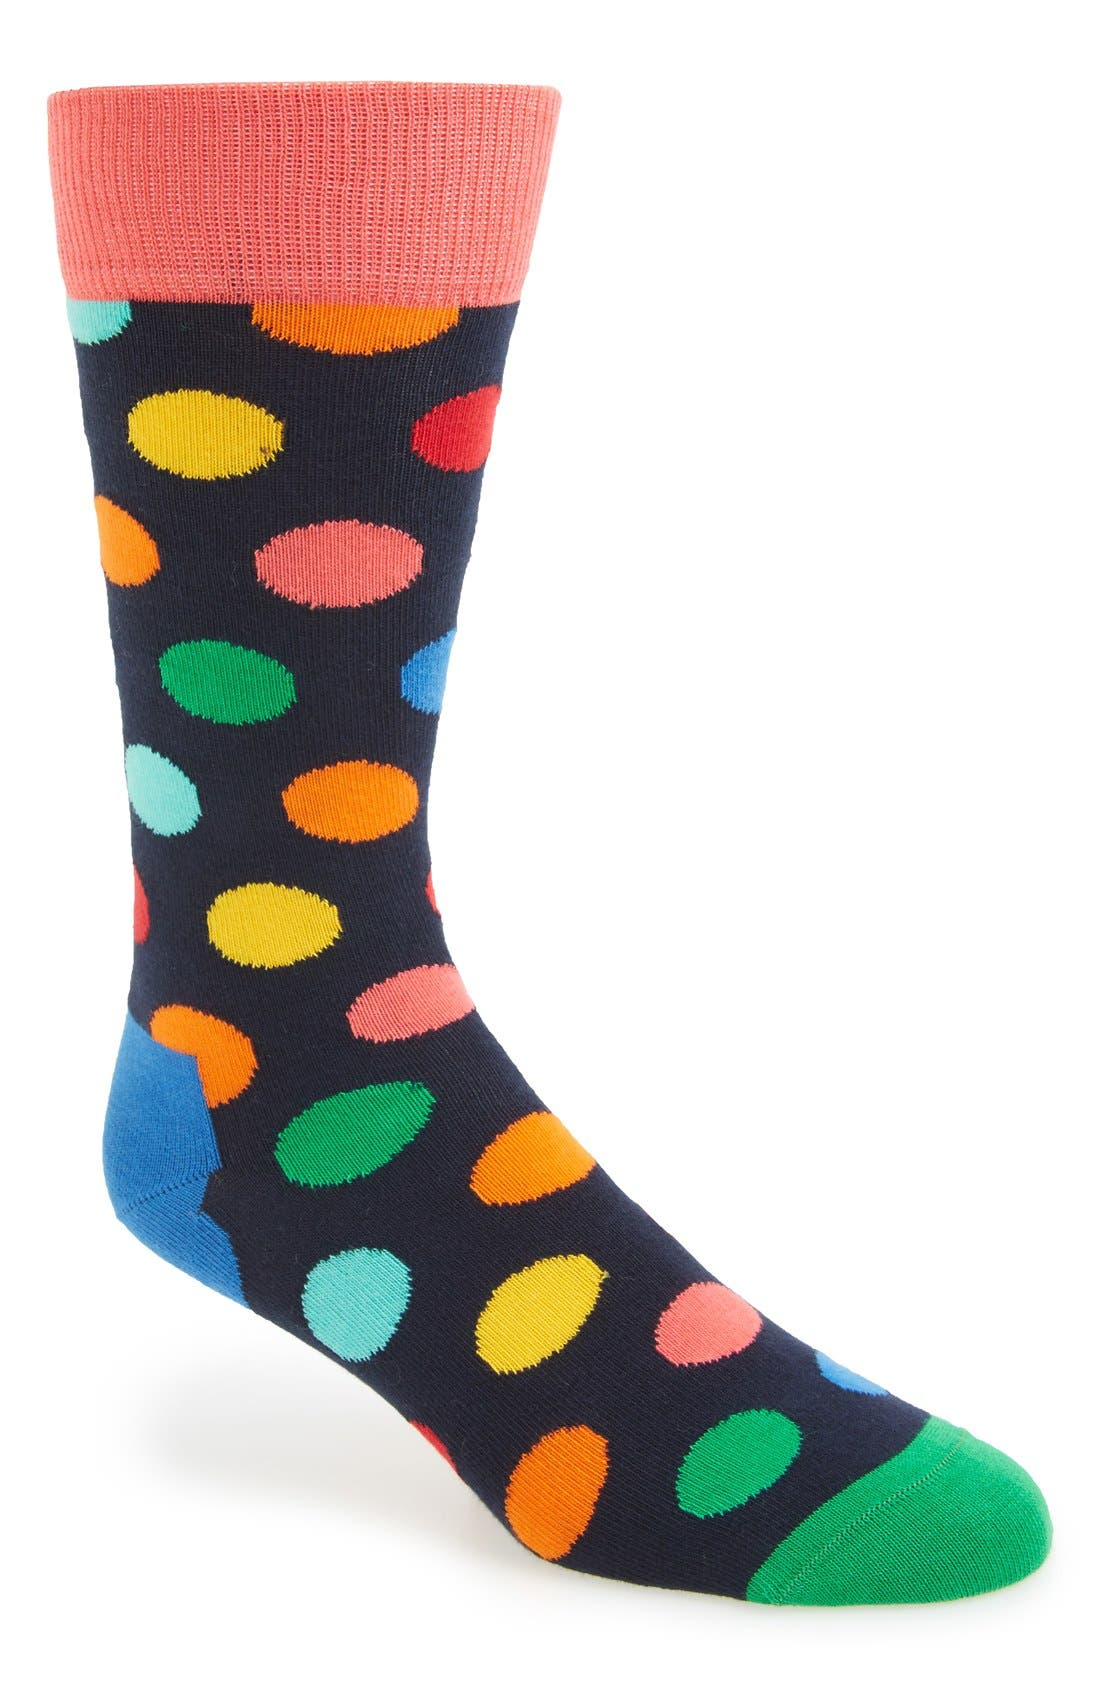 Happy Socks Polka Dot Cotton Blend Socks (3 for $30)